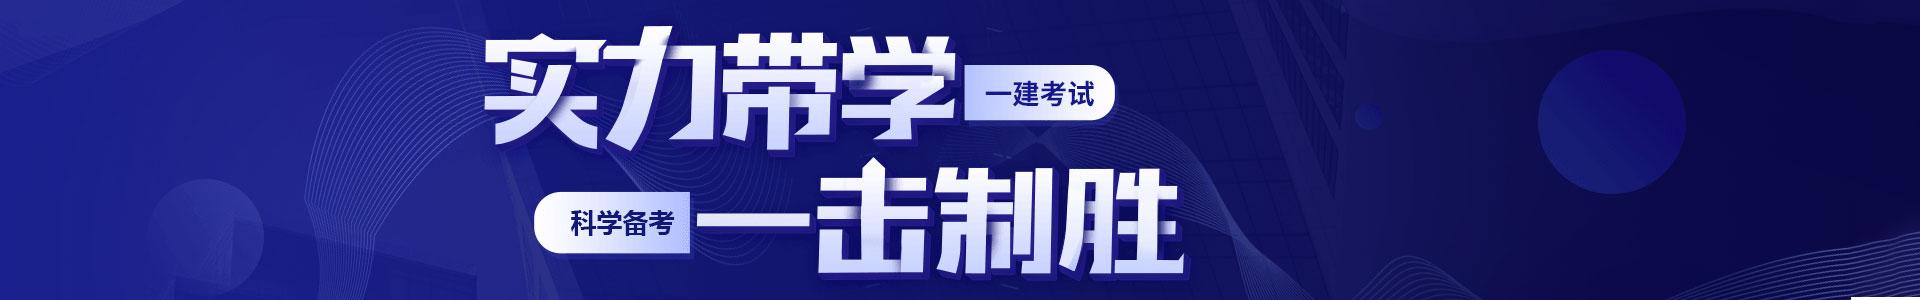 优路教育-桂林校区